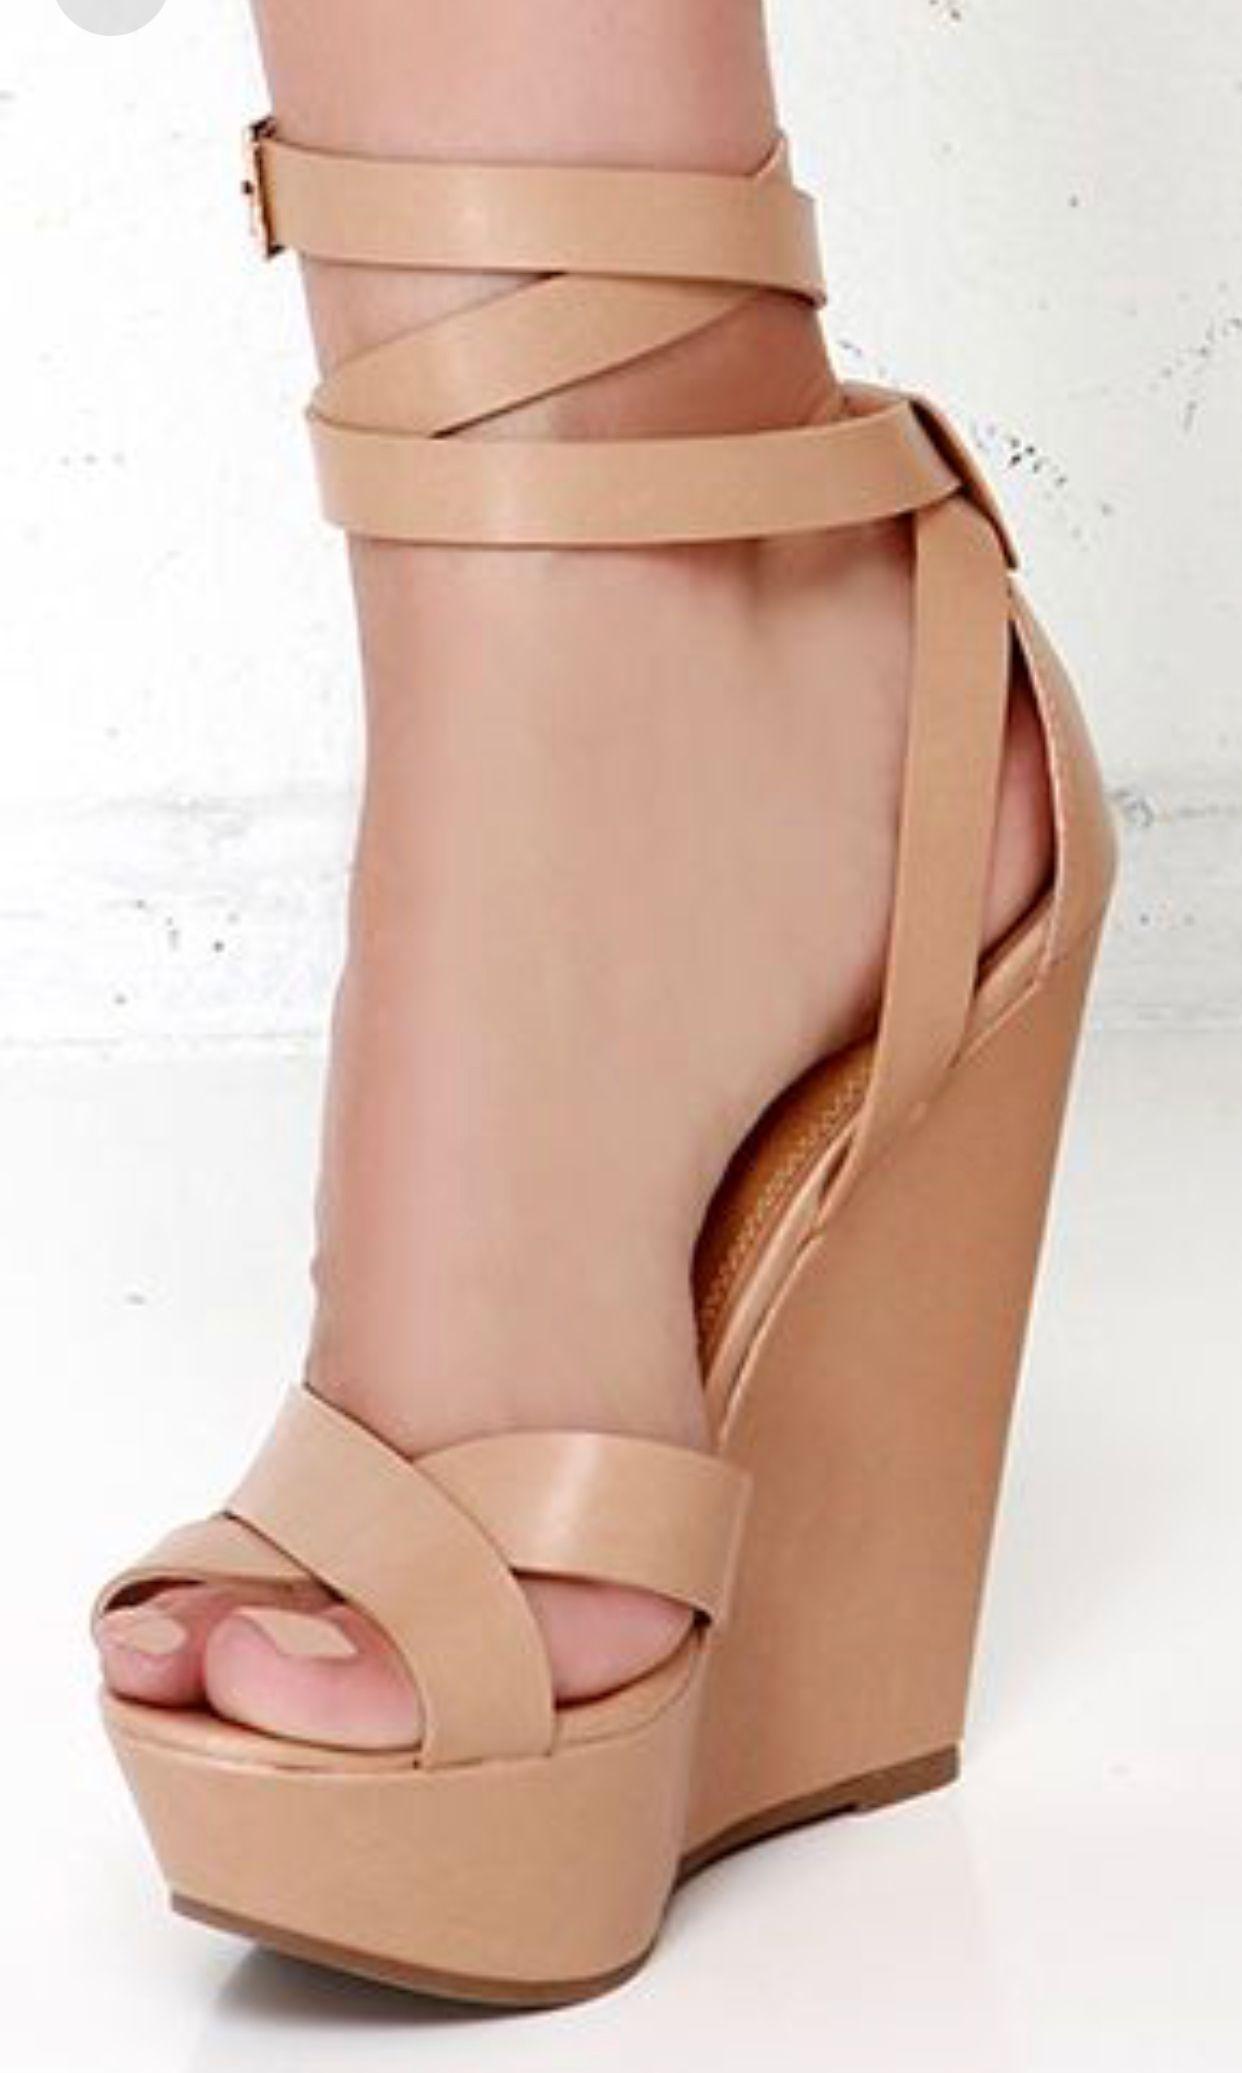 74d1131a Zapatillas Nike, Zapatillas Con Estilo, Sandalias De Cuero, Calzado Para  Dama, Armario